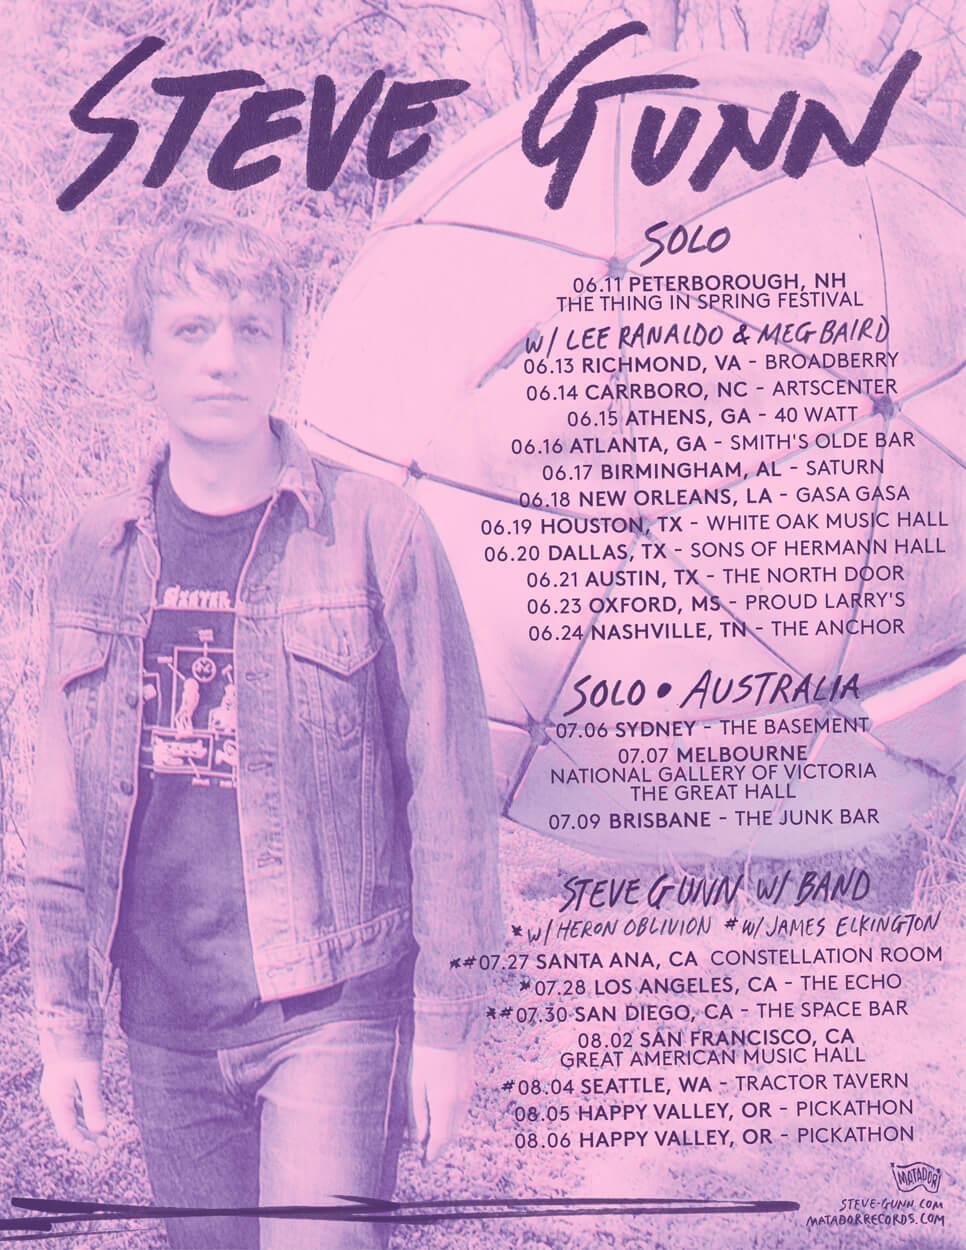 Steve Gunn –  New U.S., Australian Dates